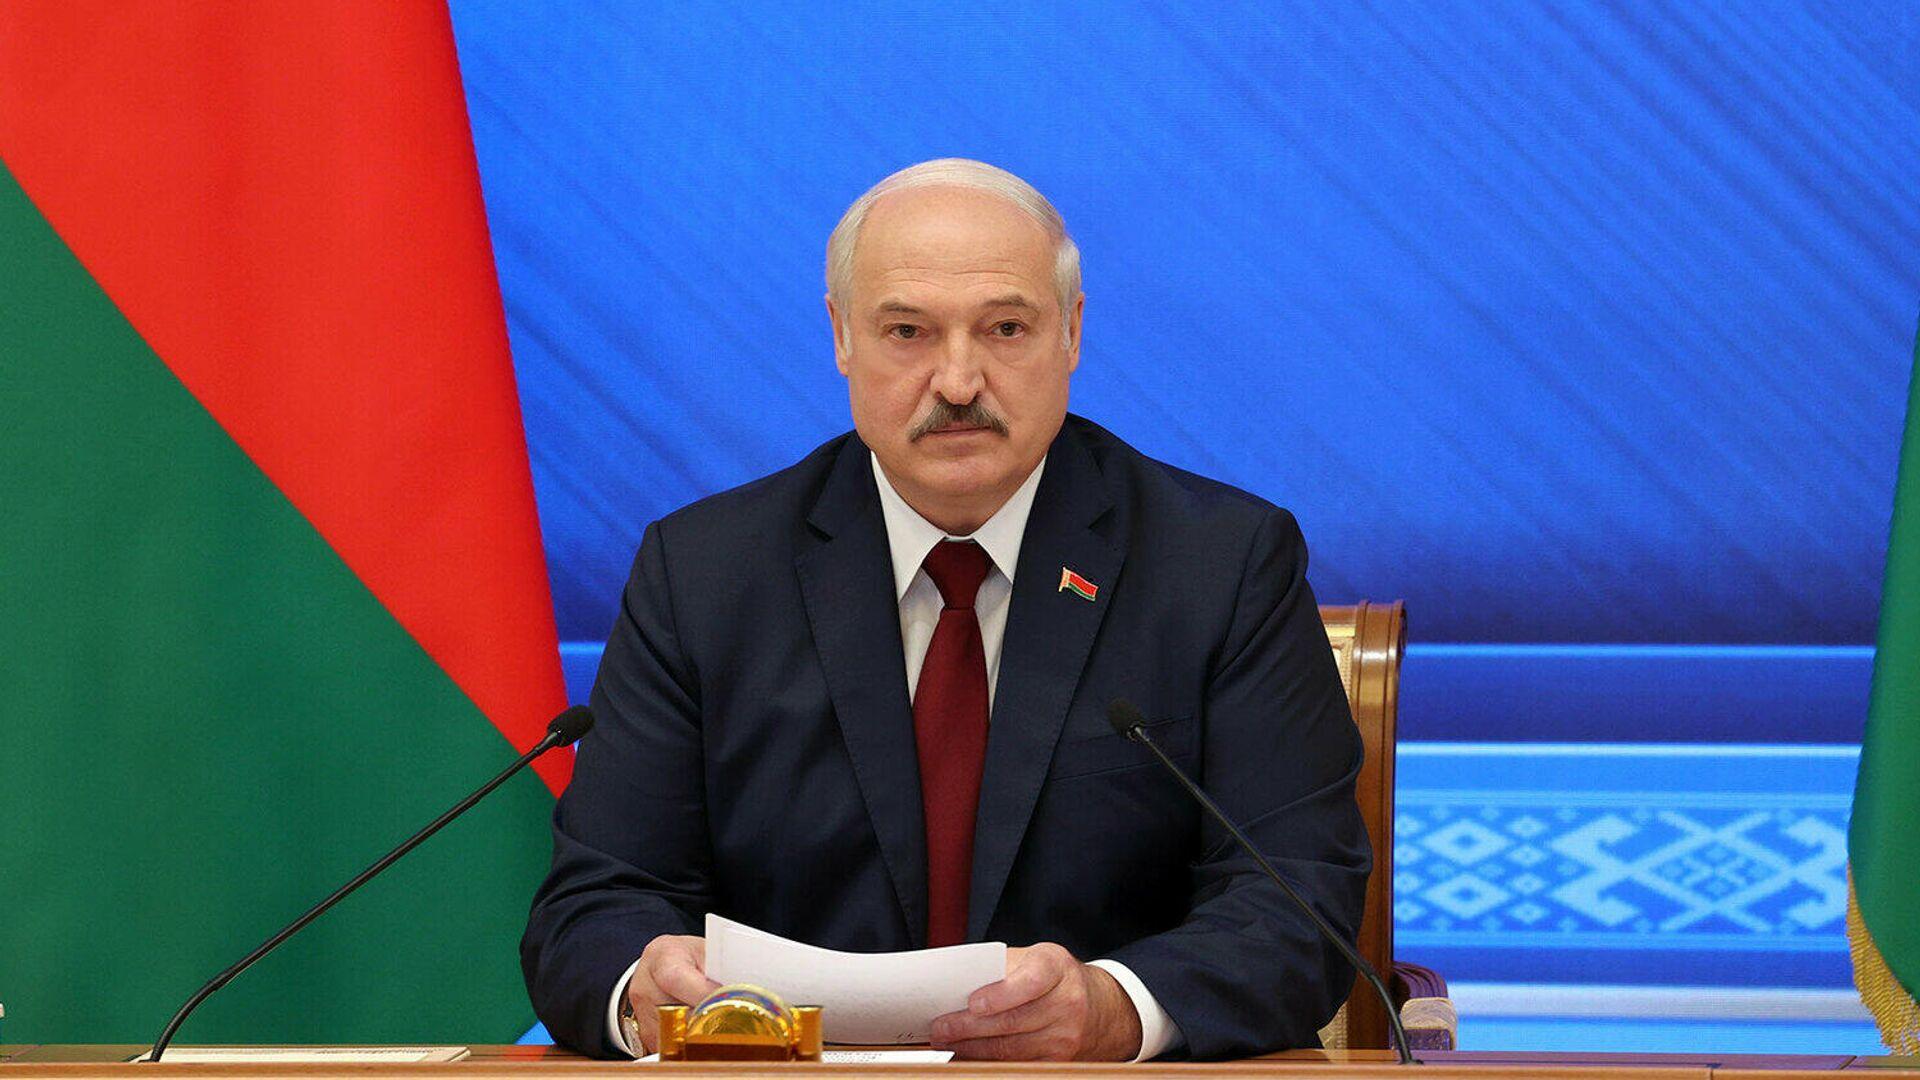 Президент Белоруссии Александр Лукашенко во время встречи Большой разговор с Президентом - РИА Новости, 1920, 09.09.2021